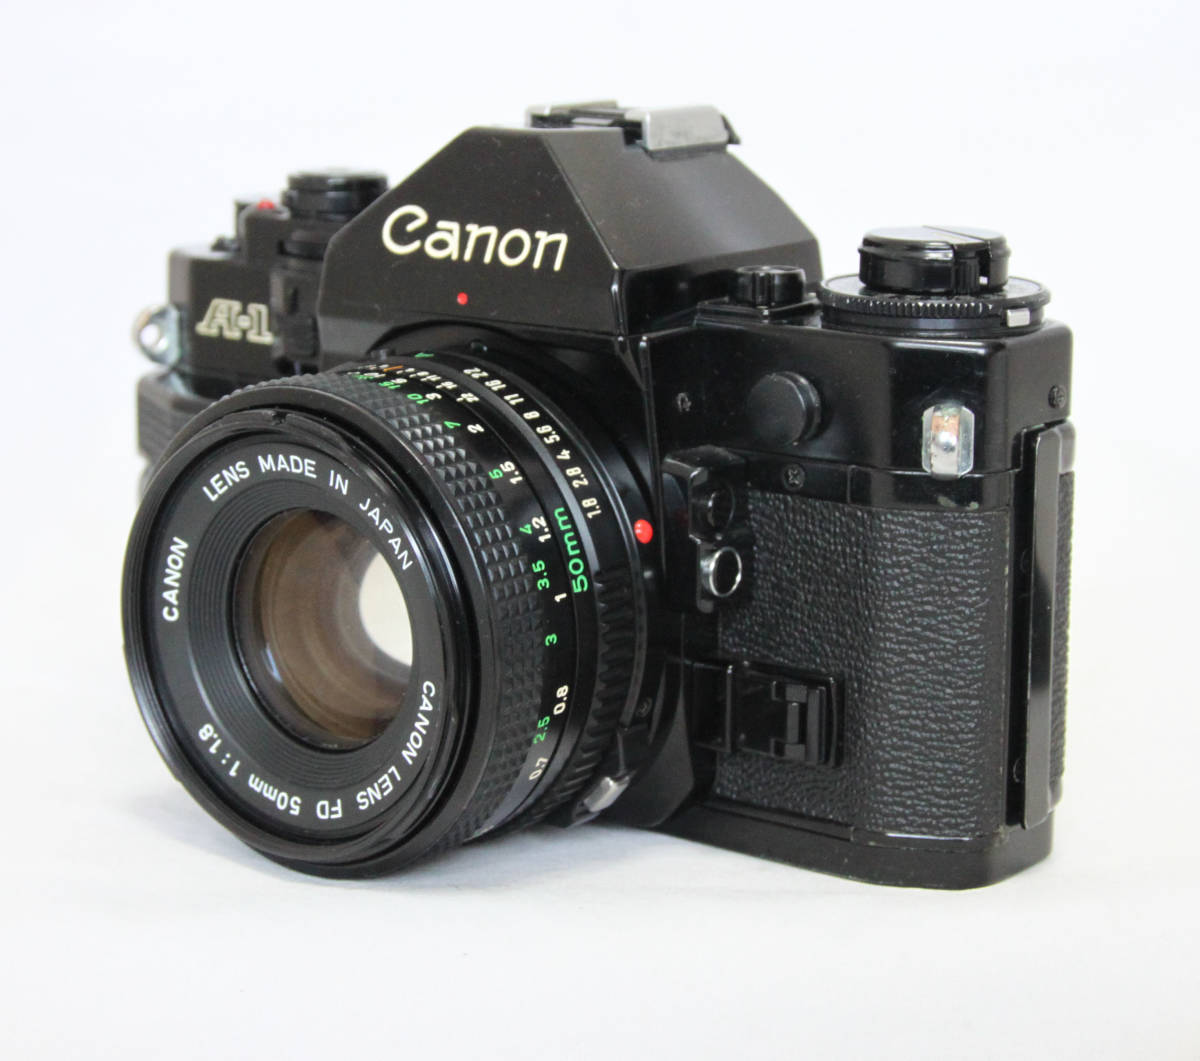 ジャンク★キヤノン Canon キャノン A-1 50mmF1.8付き_画像2